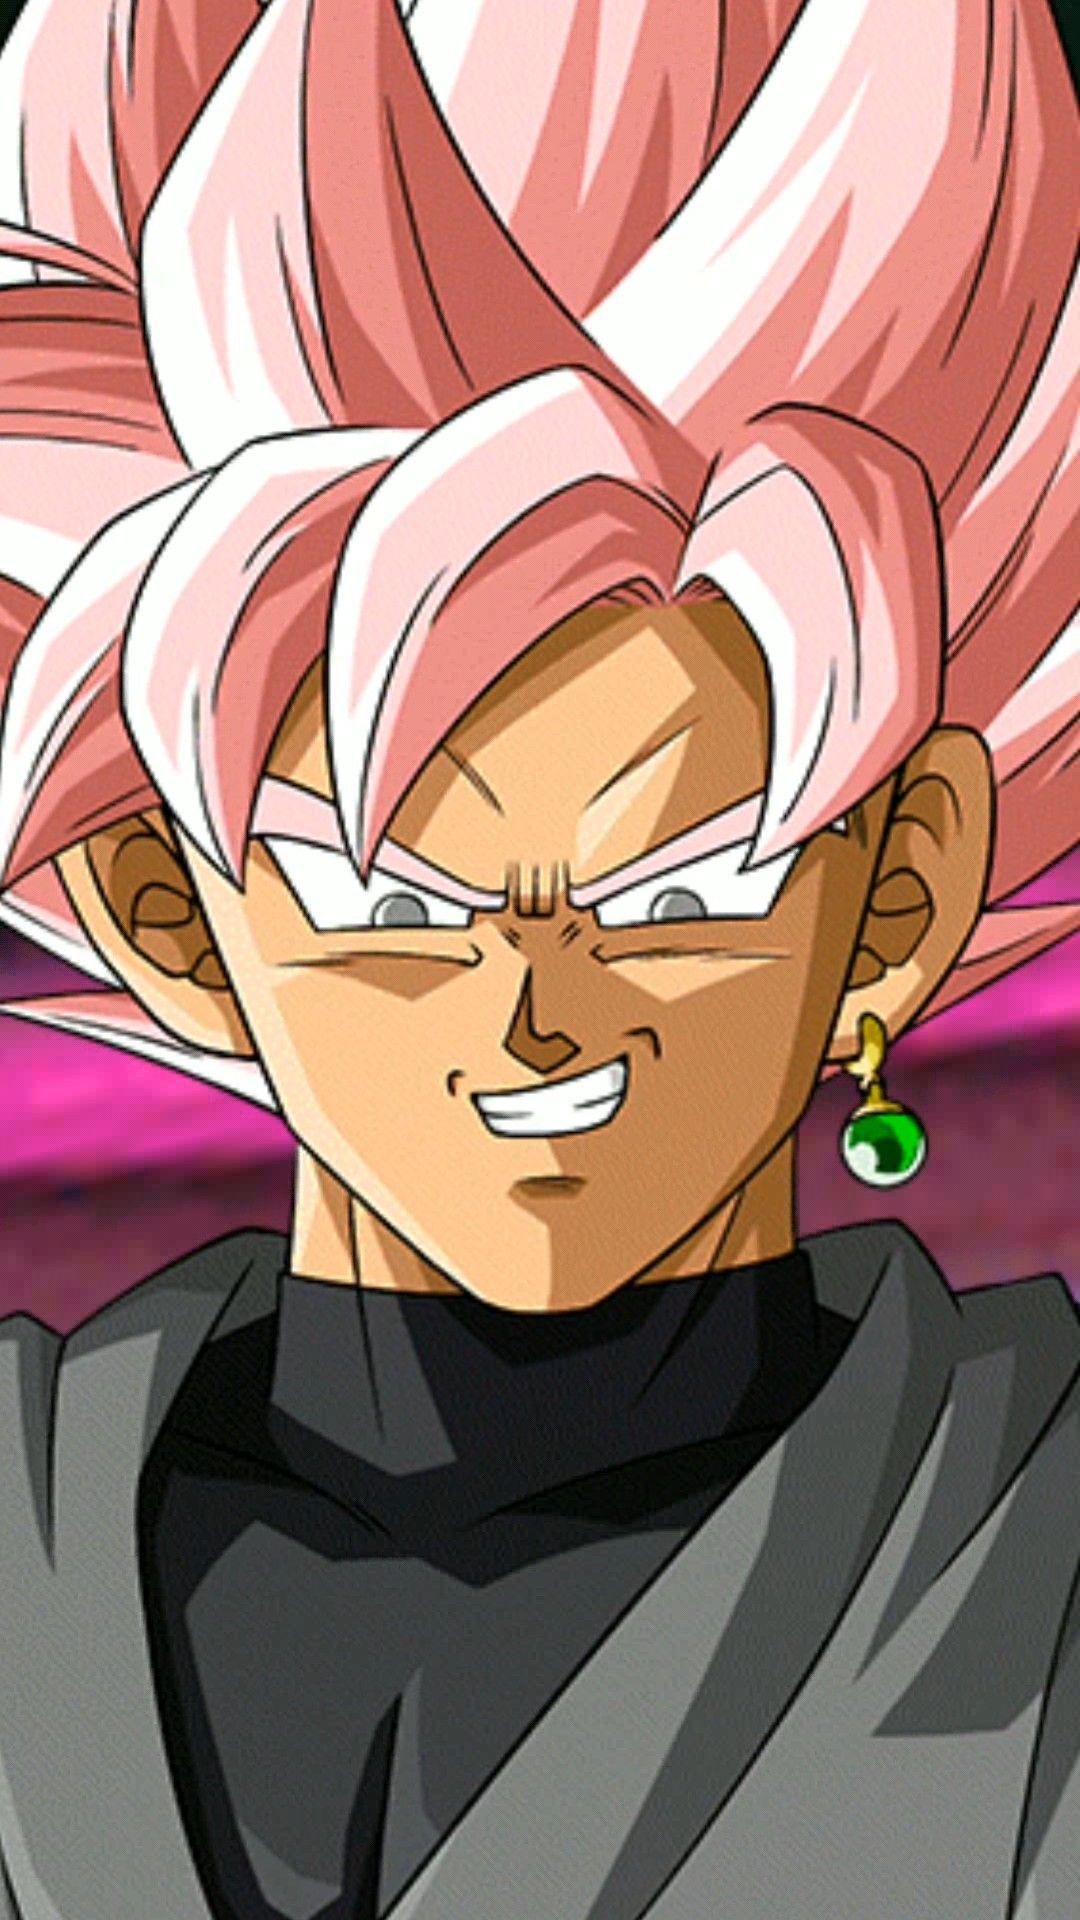 Black Goku Face Dbs Ssj Rose Saiyan Saiyajin Sayayin Goku Black Goku Face Super Saiyan Rose